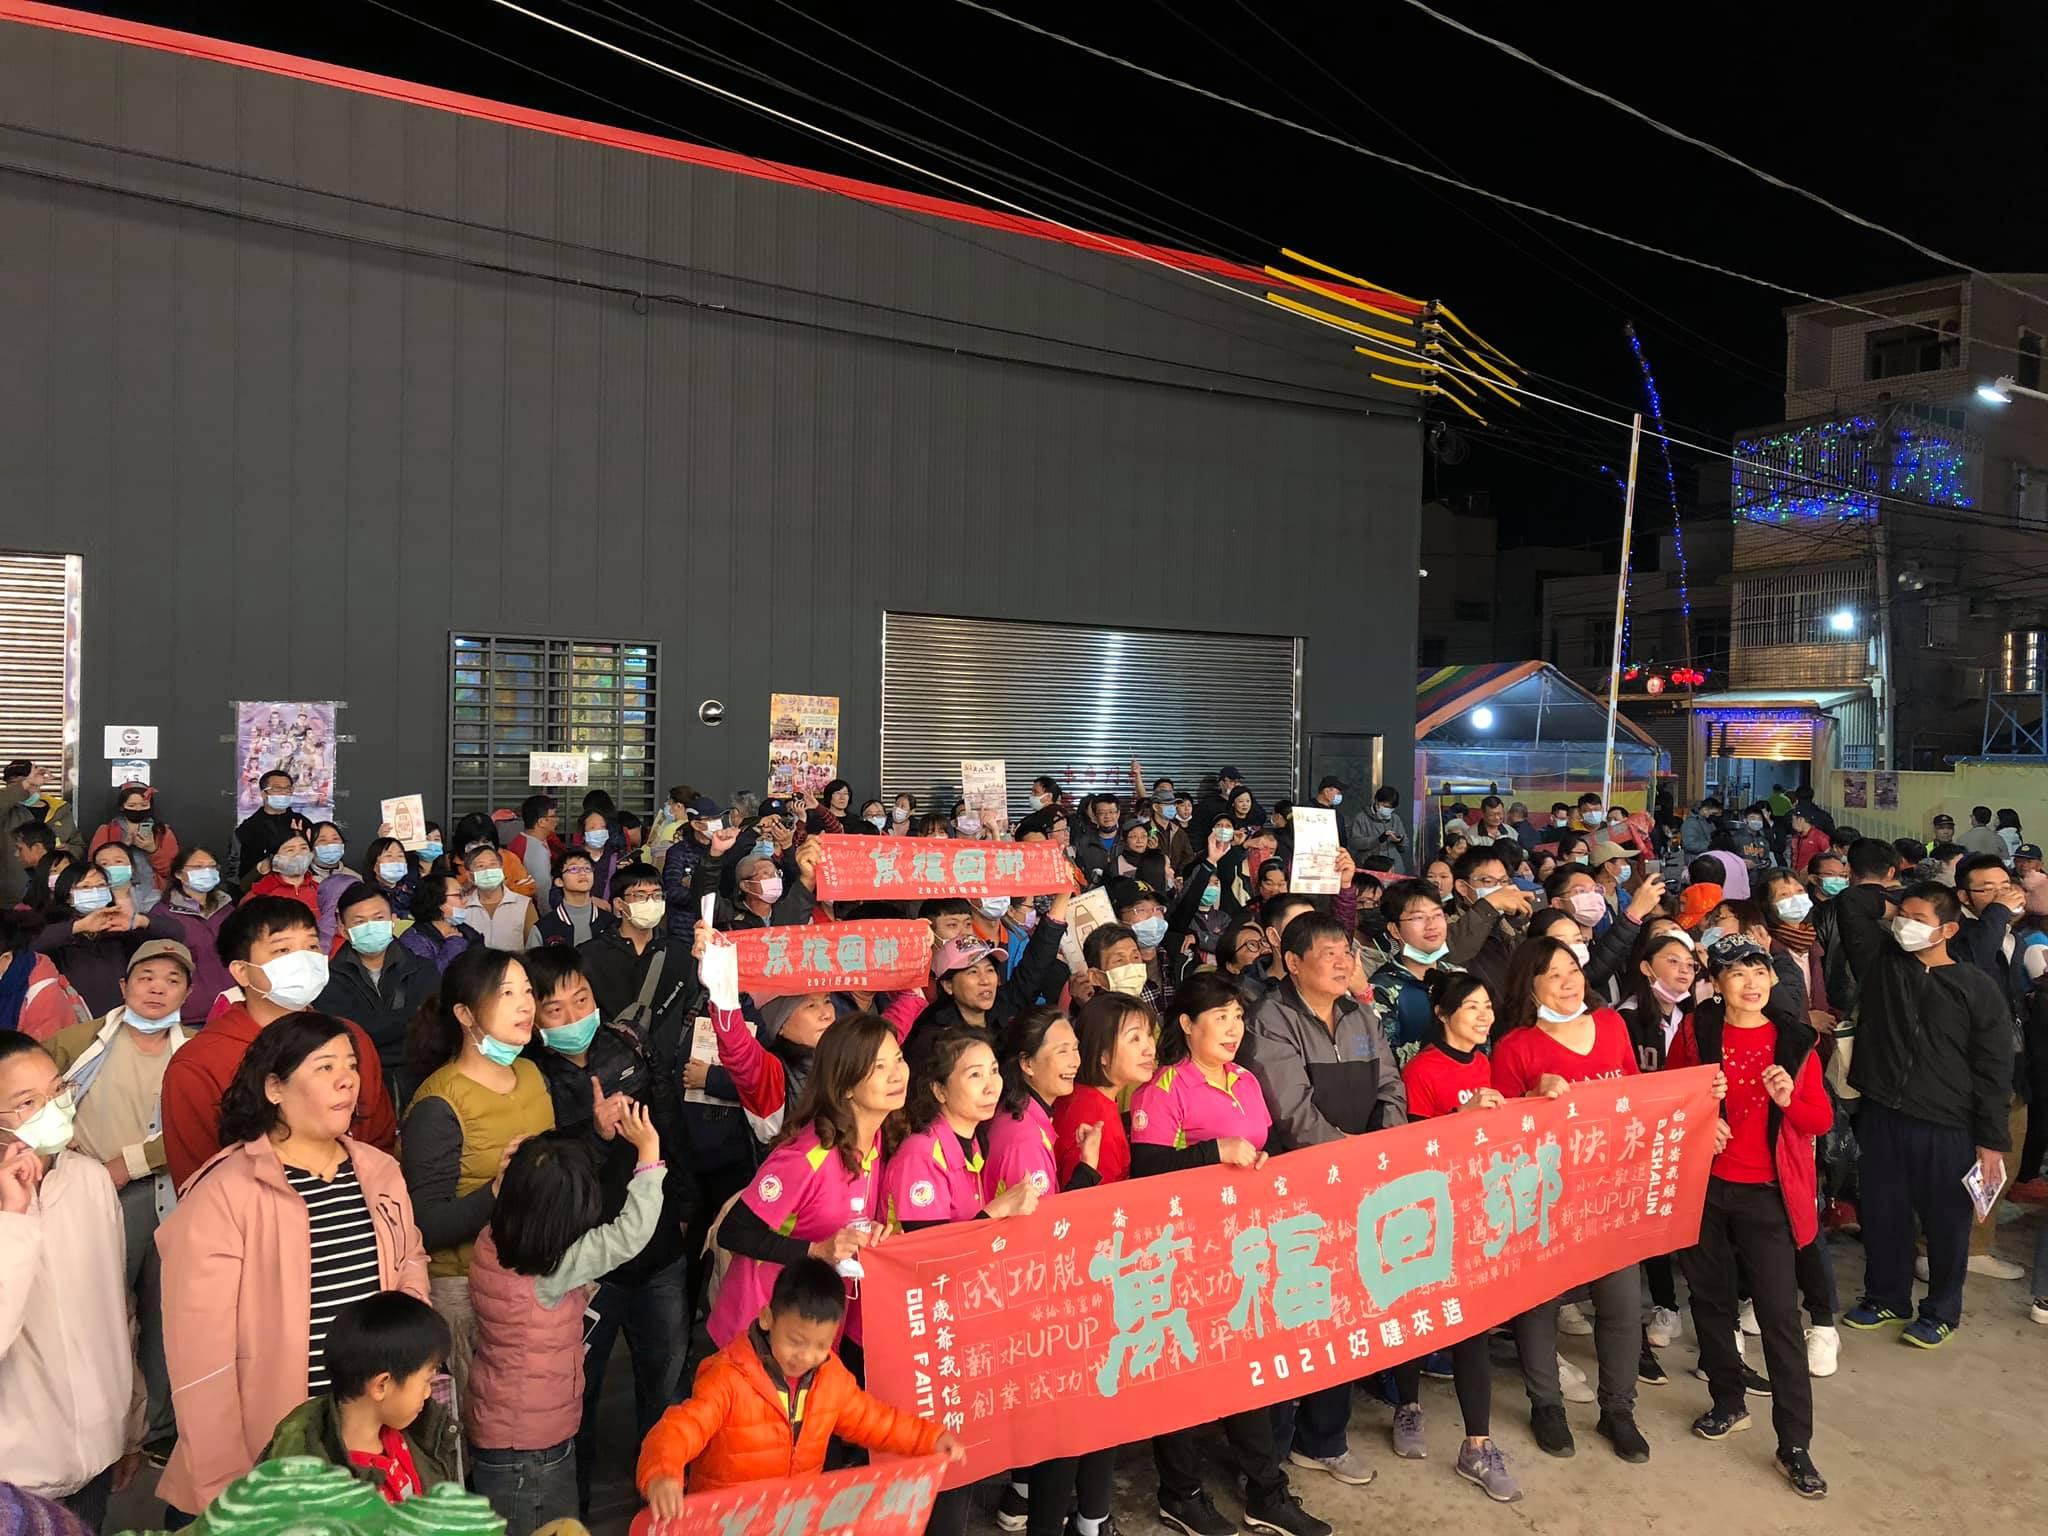 台南整合行銷、台南數位行銷、新勢力整合行銷